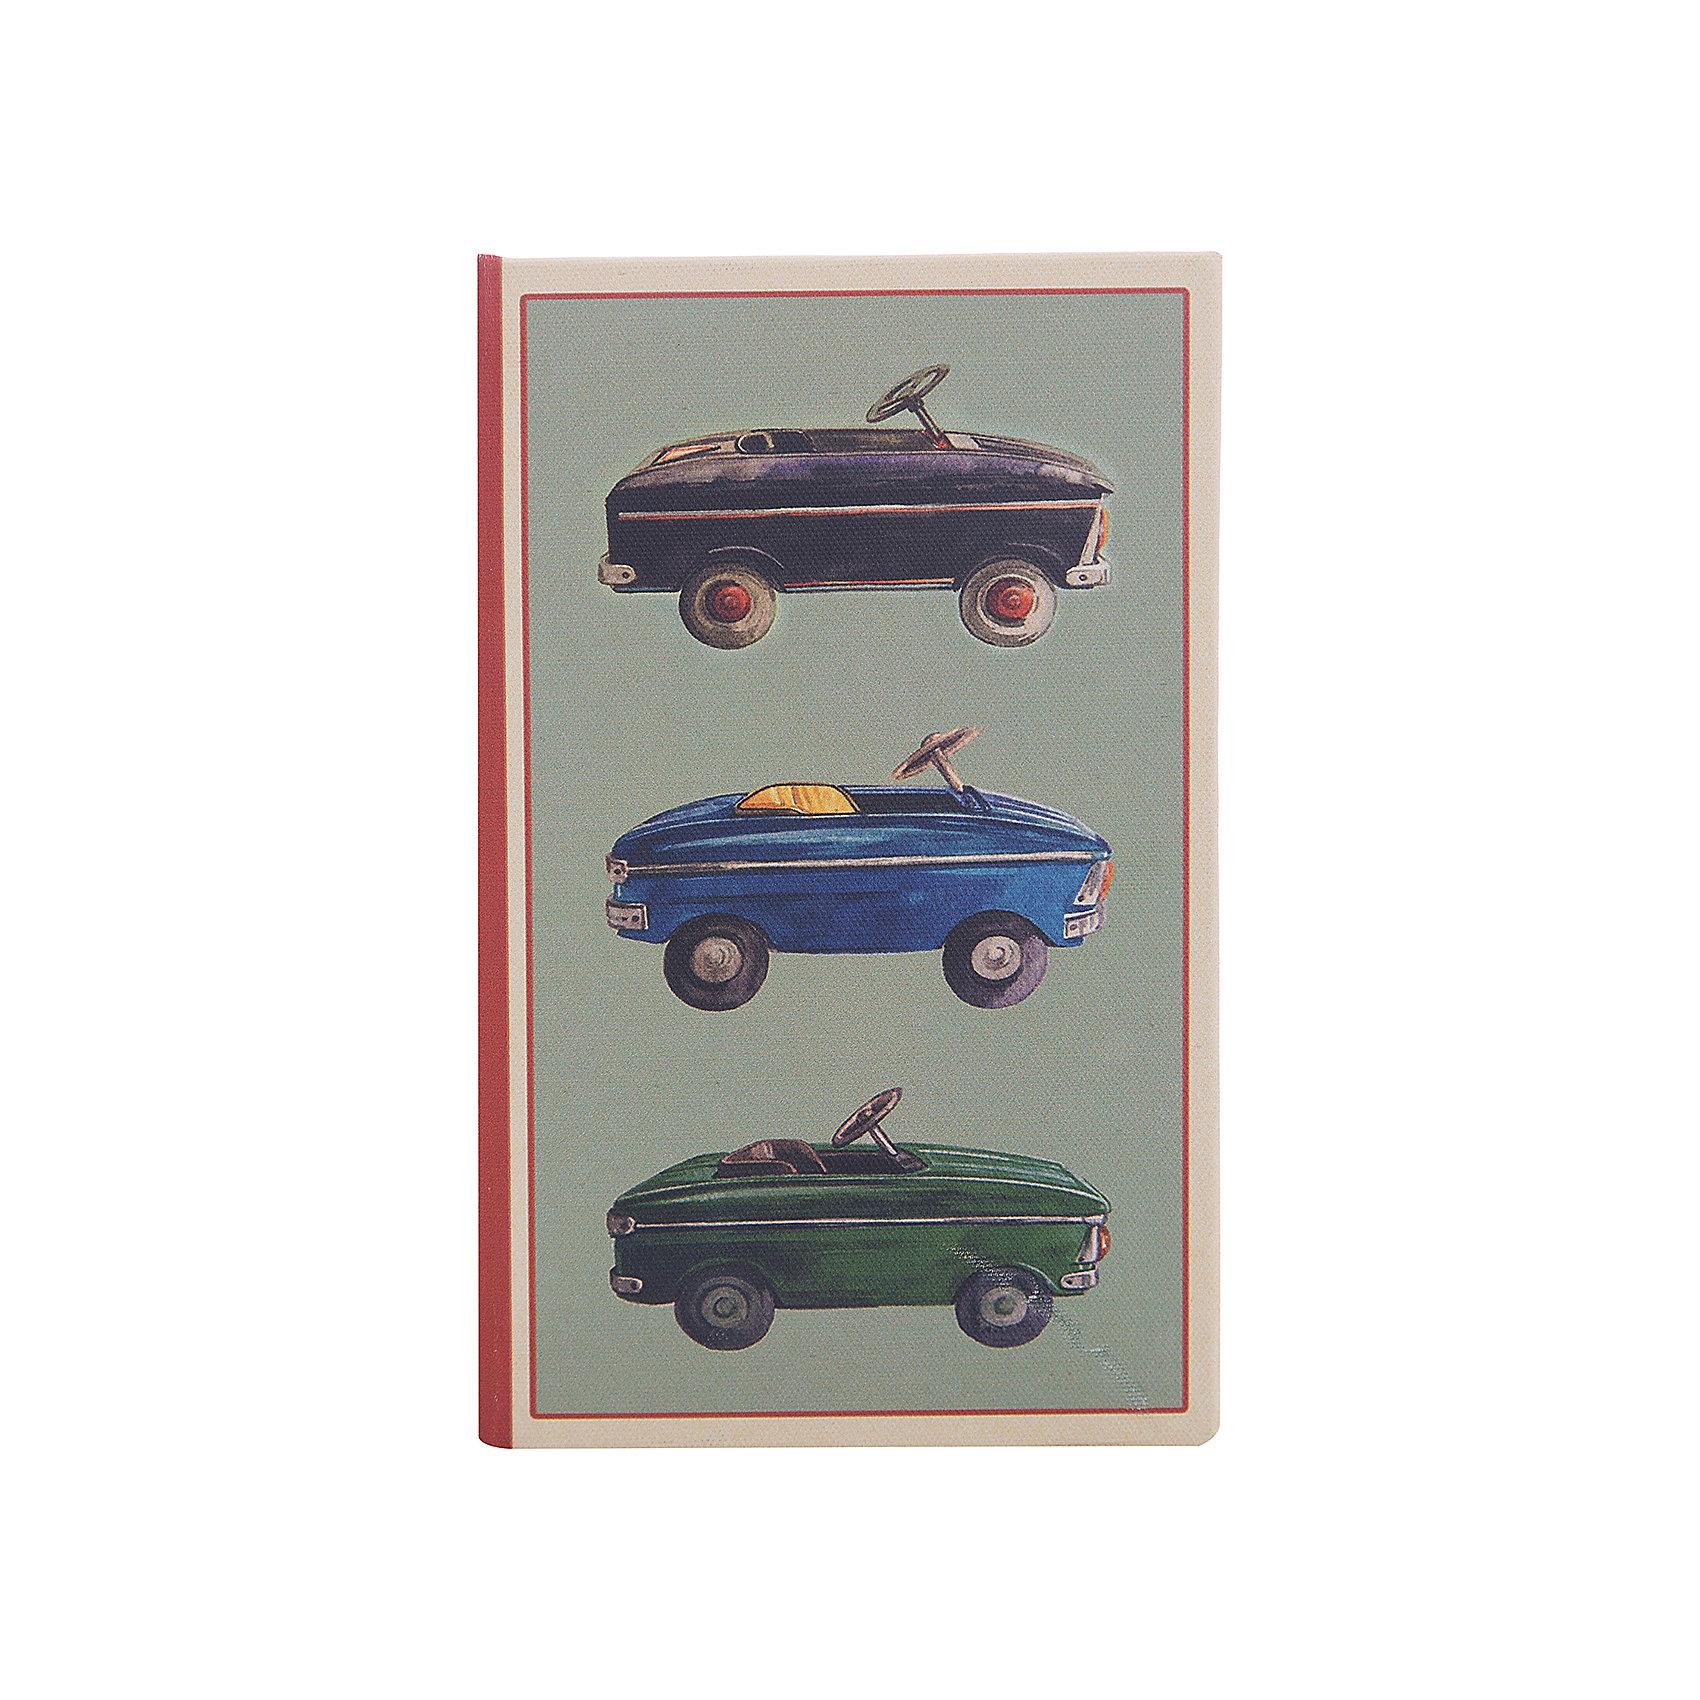 Шкатулка декоративная  Советские автомобилиОригинальная декоративная шкатулка Советские автомобили изготовлена из дерева в форме чемодана. Она декорирована интересным рисунком с изображением советских машин. В такой шкатулке приятно будет приятно хранить вещи, украшения и мелкие безделушки.<br><br>Дополнительная информация:<br>Материал: МДФ<br>Размер: 12х38х26 см<br>Вес: 2232 грамма<br>Вы можете купить декоративную шкатулку Советские автомобили в нашем интернет-магазине.<br><br>Ширина мм: 390<br>Глубина мм: 370<br>Высота мм: 380<br>Вес г: 306<br>Возраст от месяцев: 84<br>Возраст до месяцев: 216<br>Пол: Унисекс<br>Возраст: Детский<br>SKU: 4957987